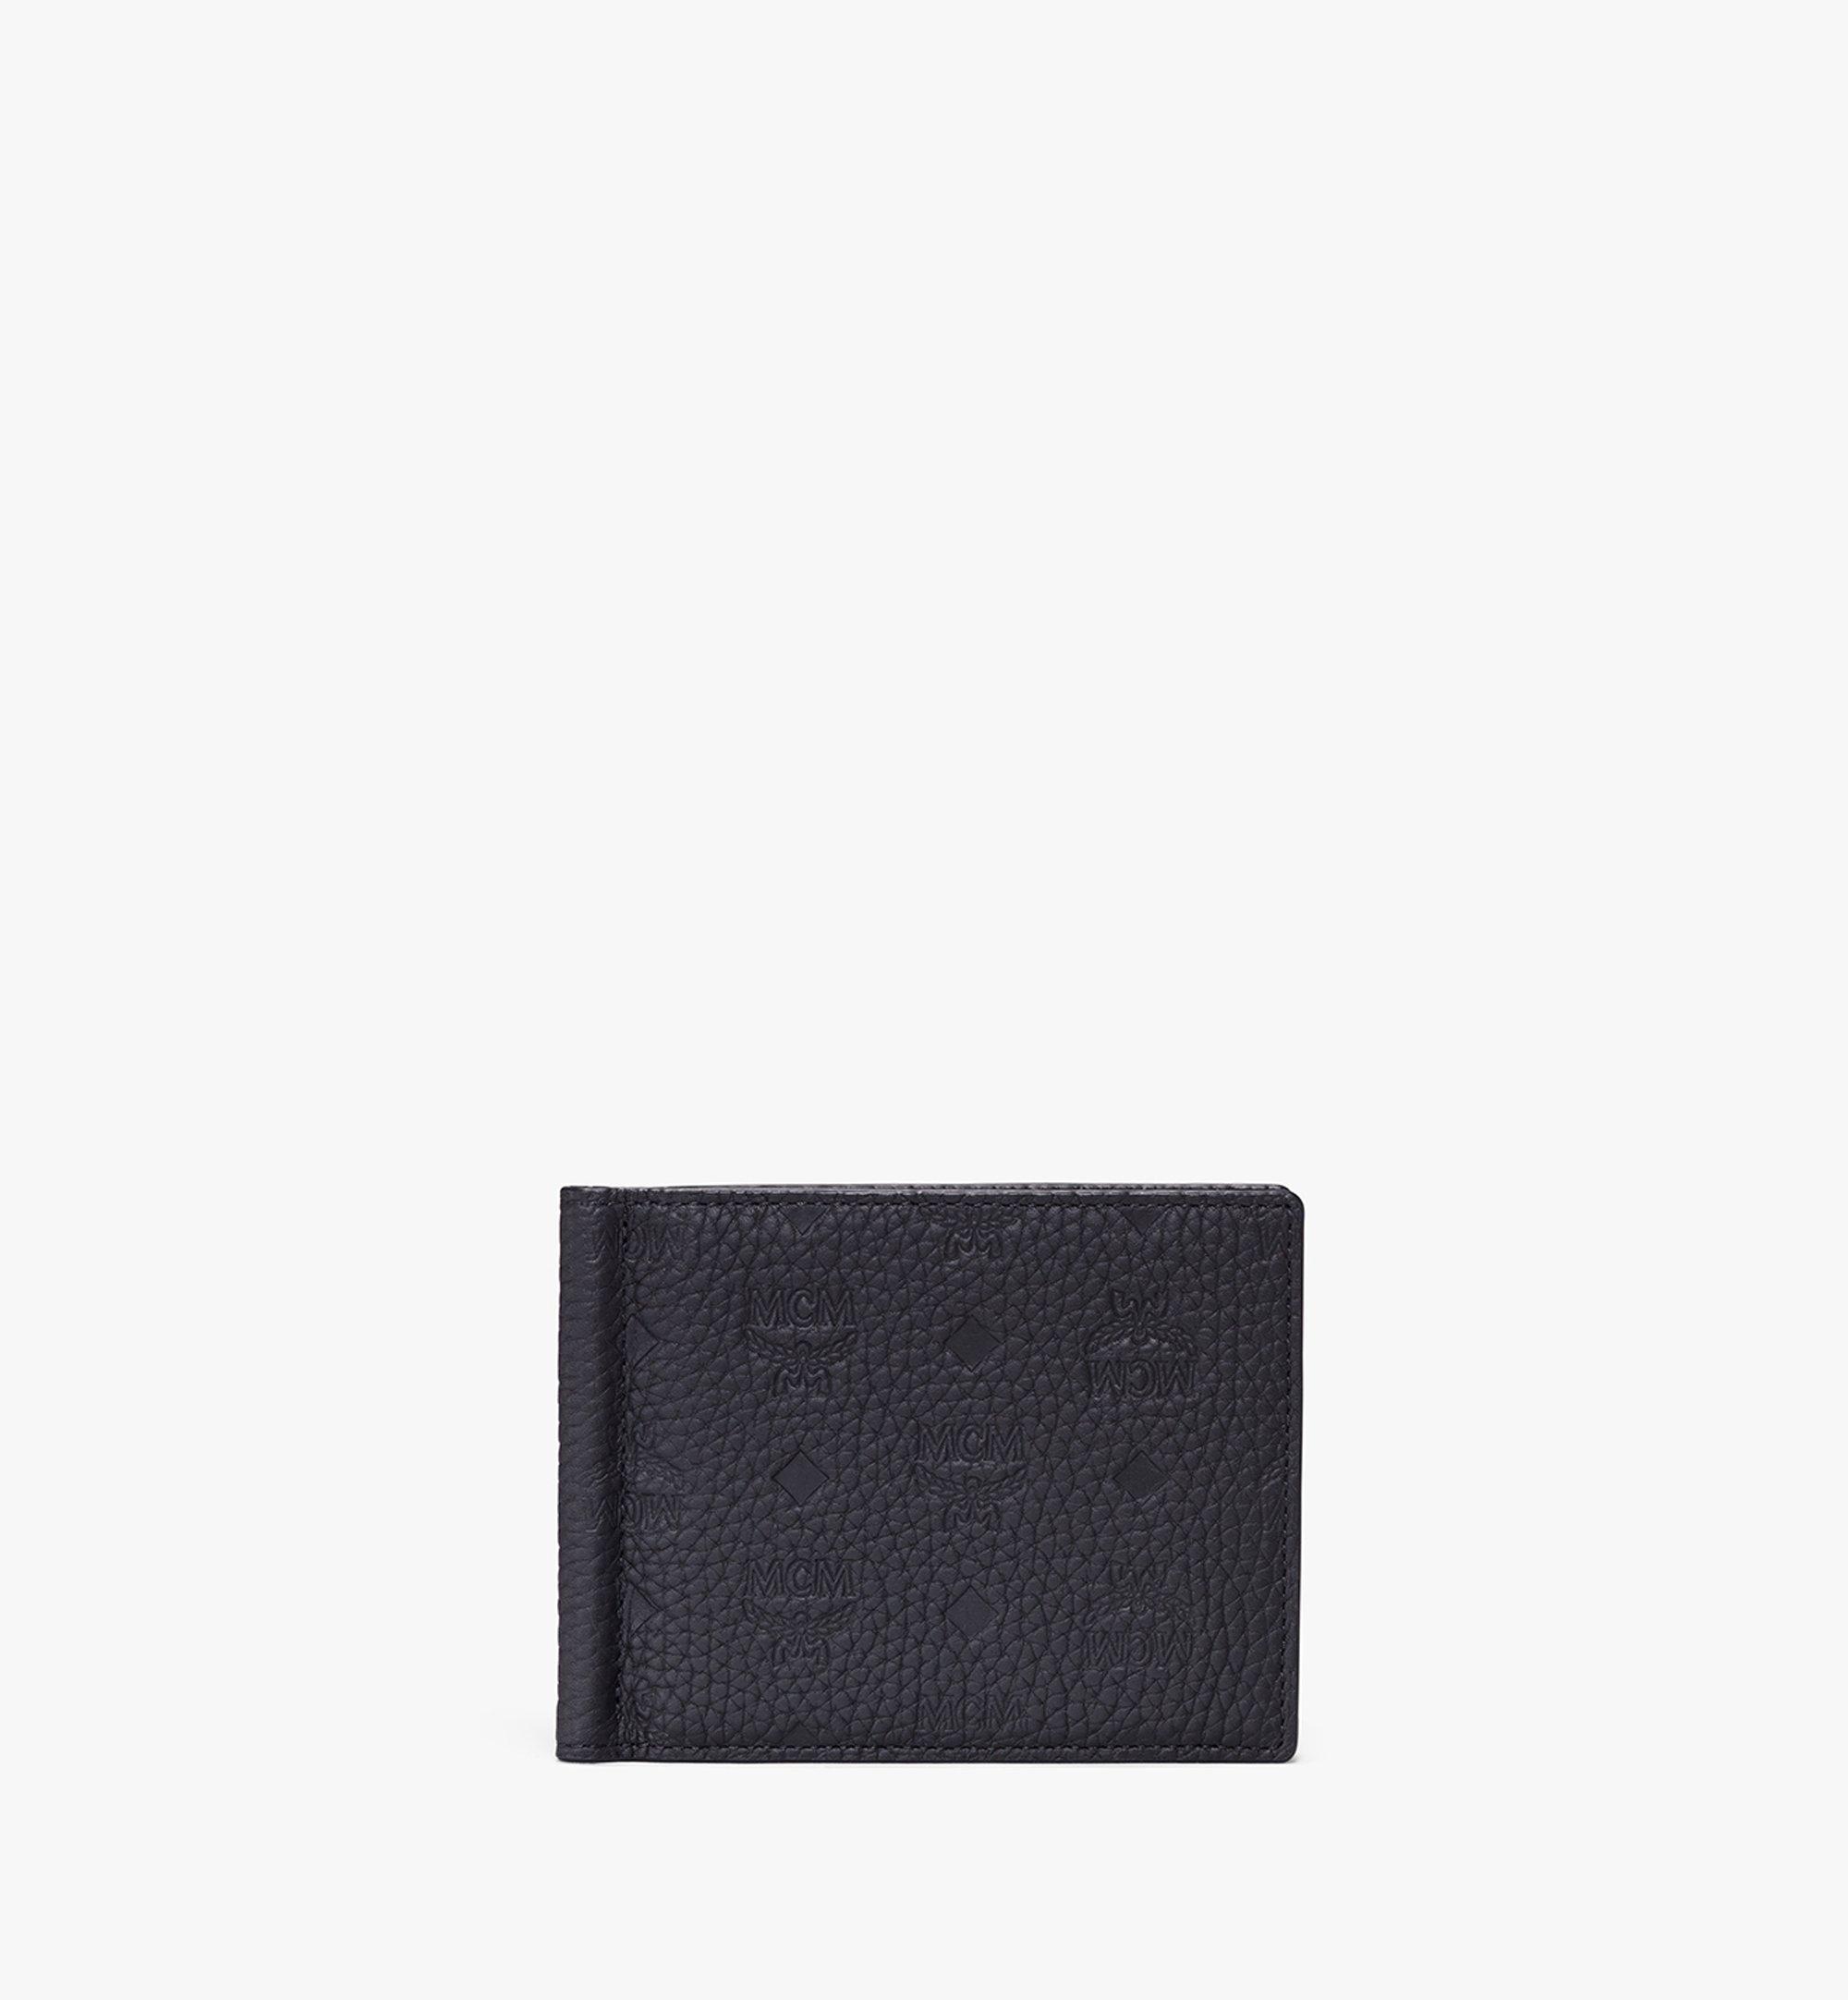 MCM Brieftasche aus Tivitat-Leder mit Geldscheinklammer Pink MXC9ABT24BK001 Alternate View 1